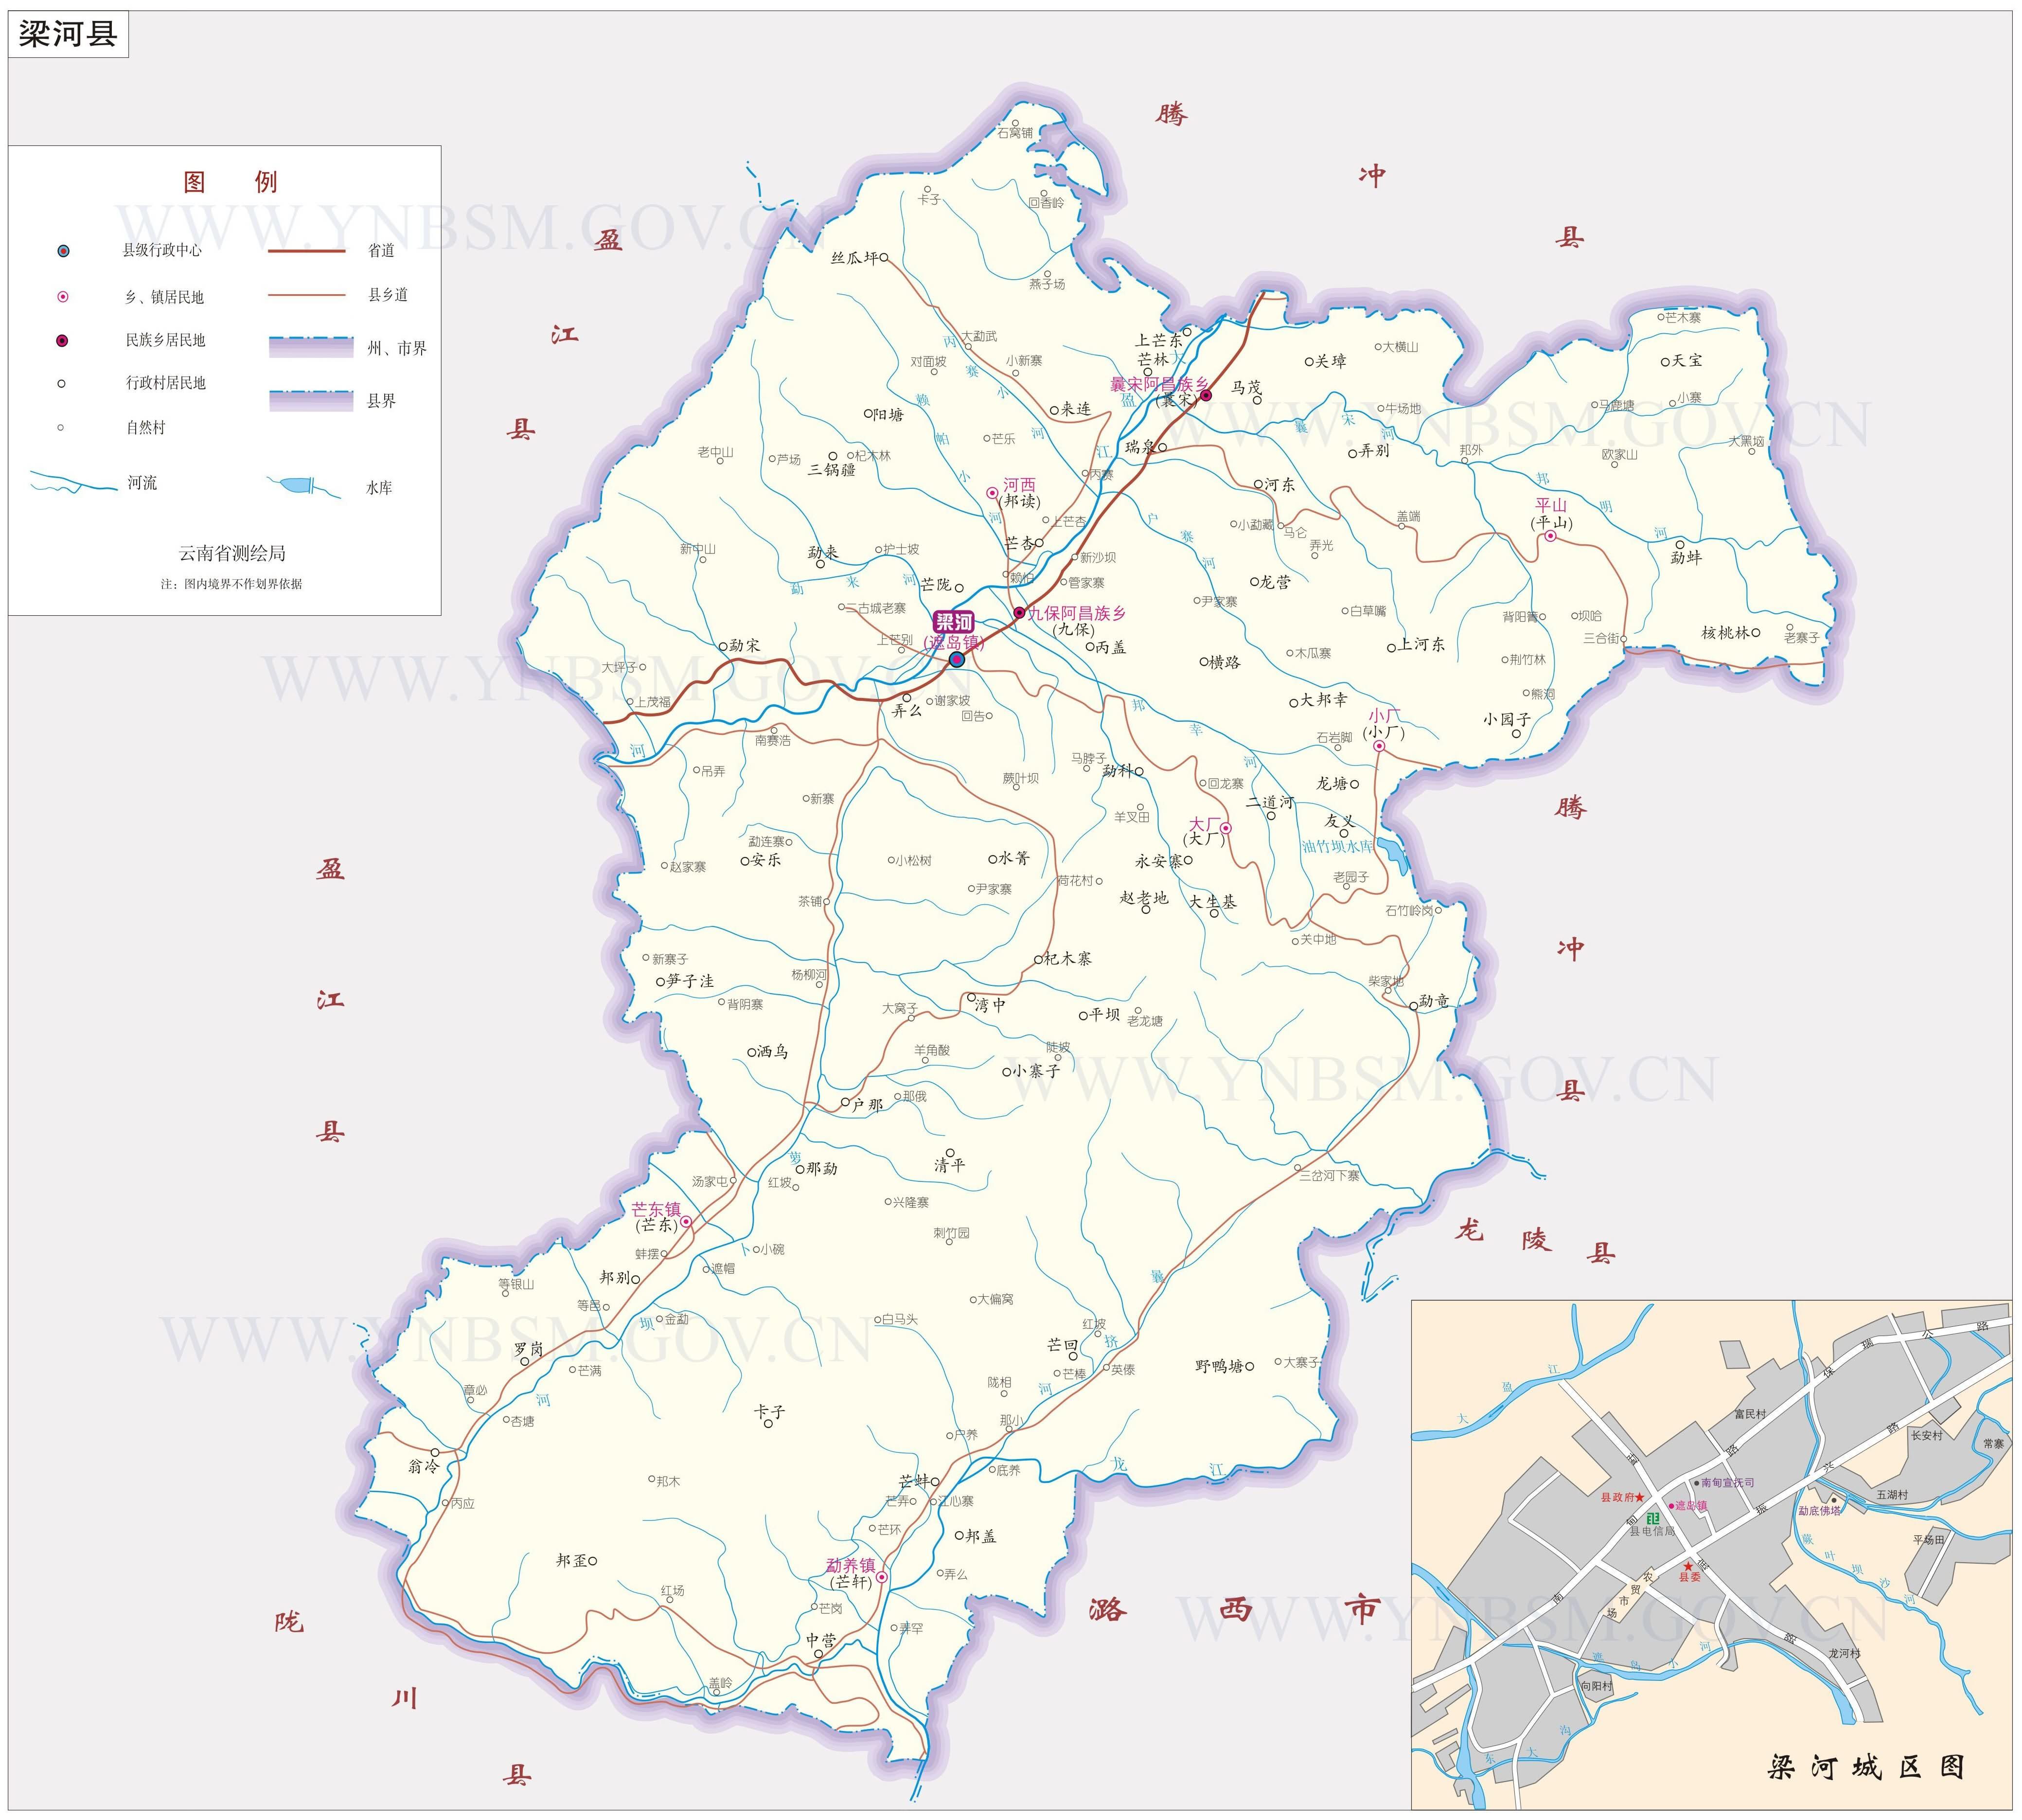 梁河县地图